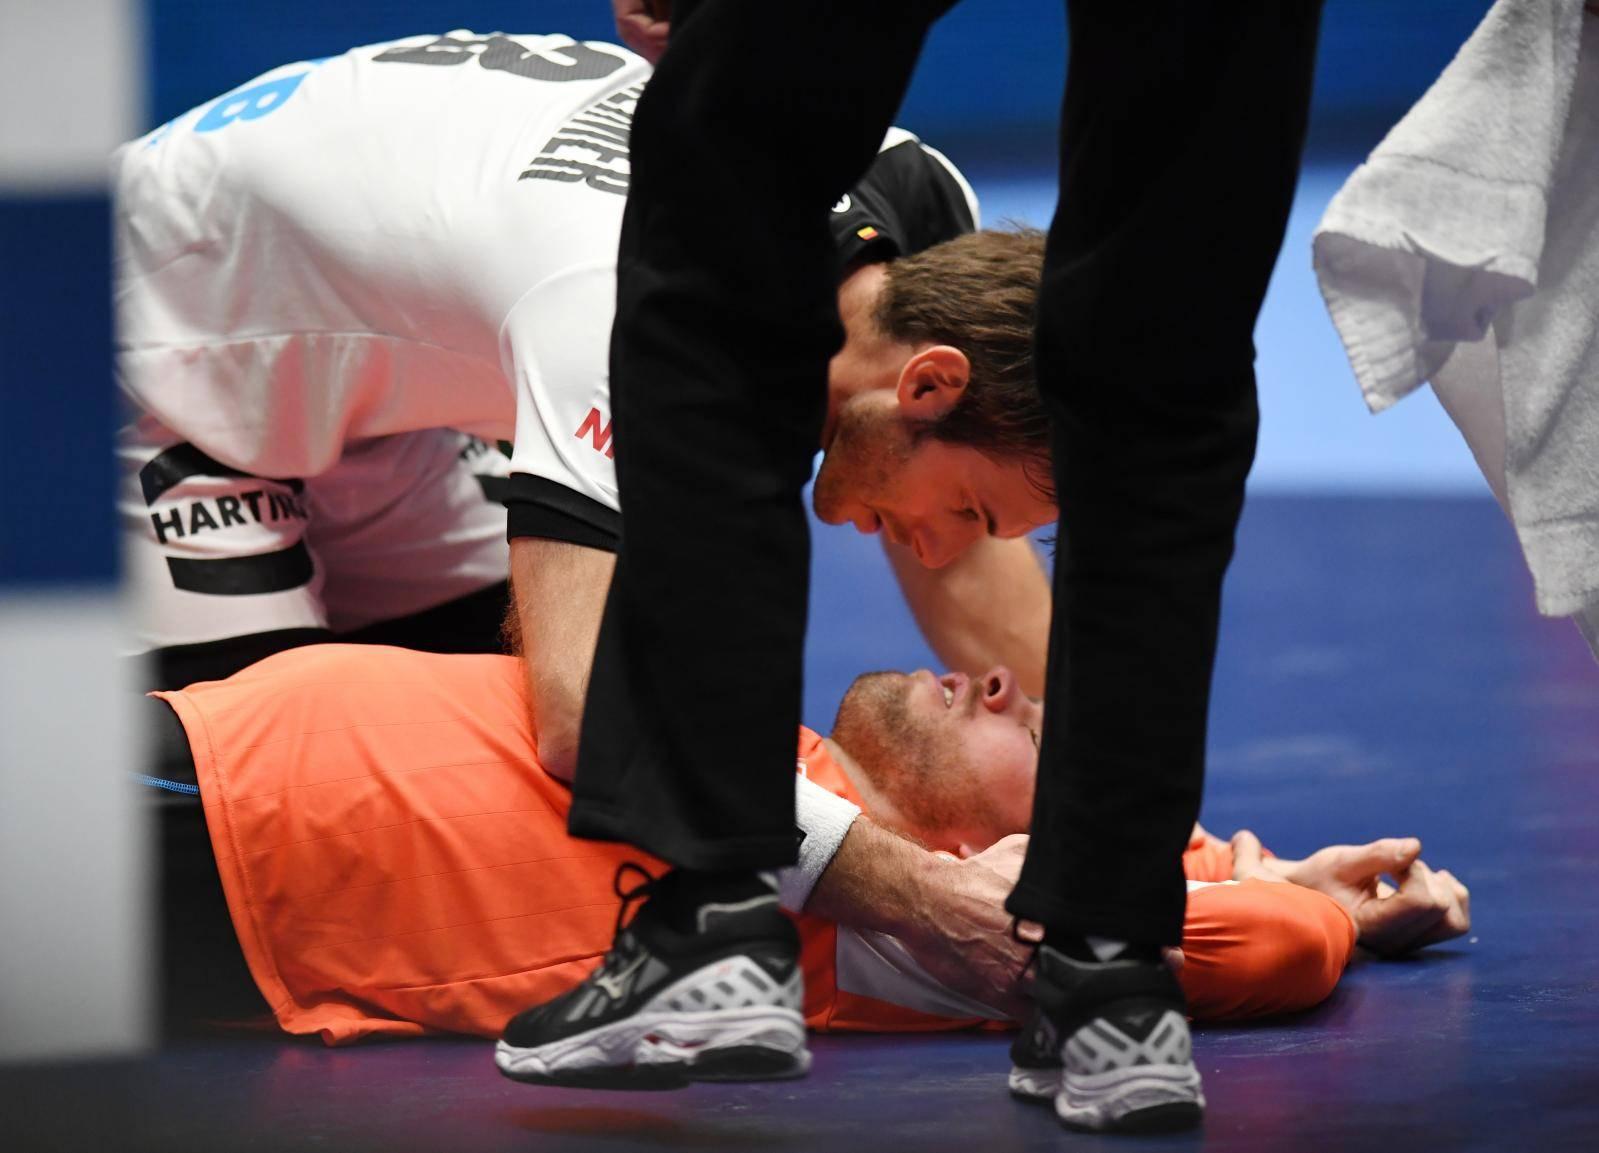 Handball EM: Germany - Netherlands